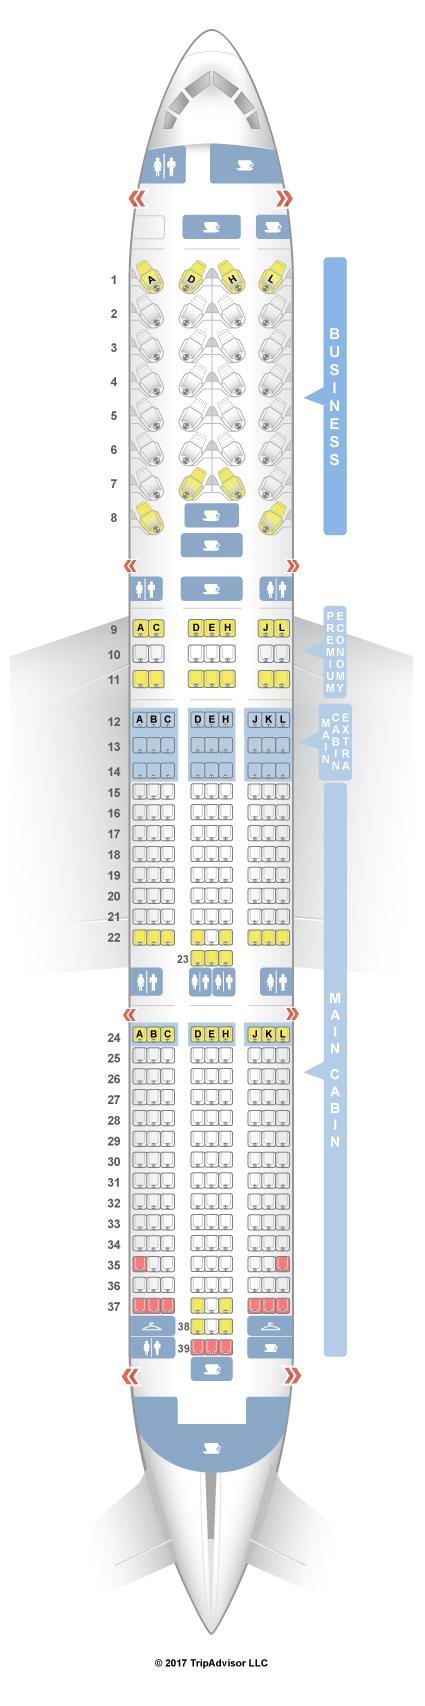 Seatguru Seat Map American Airlines Boeing 787 9 789